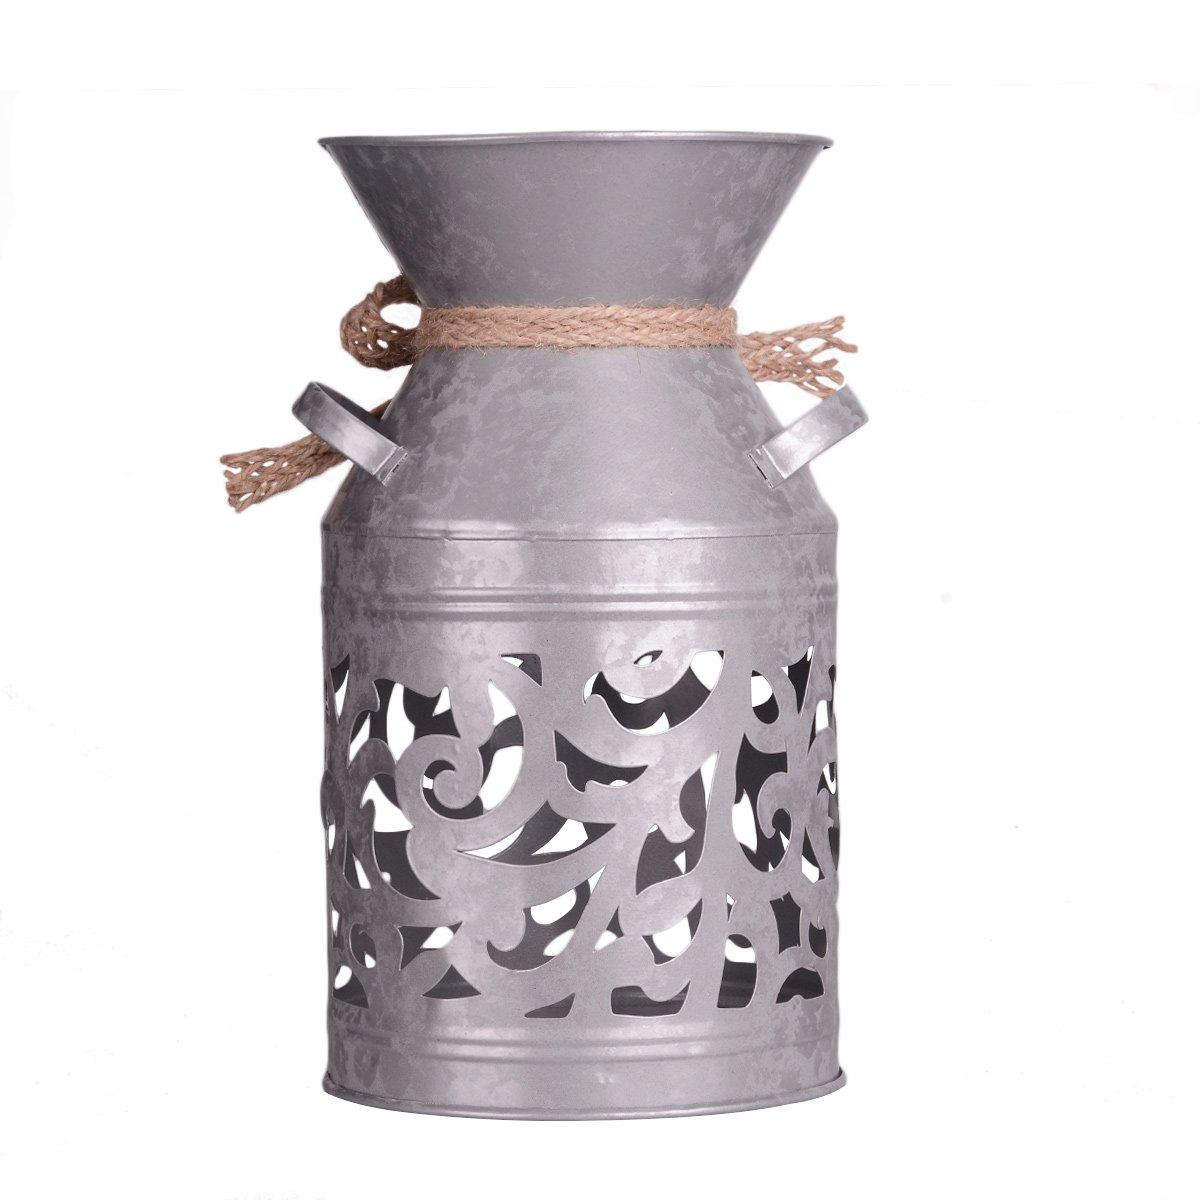 meijiajuクリエイティブ鉄アートLEDランプコーヒーショップバーリビングルームベッドルーム夜間ライト装飾的暖かいハートギフト(電球を含む) GH123636 B078KT8SQP Milk Cans Light